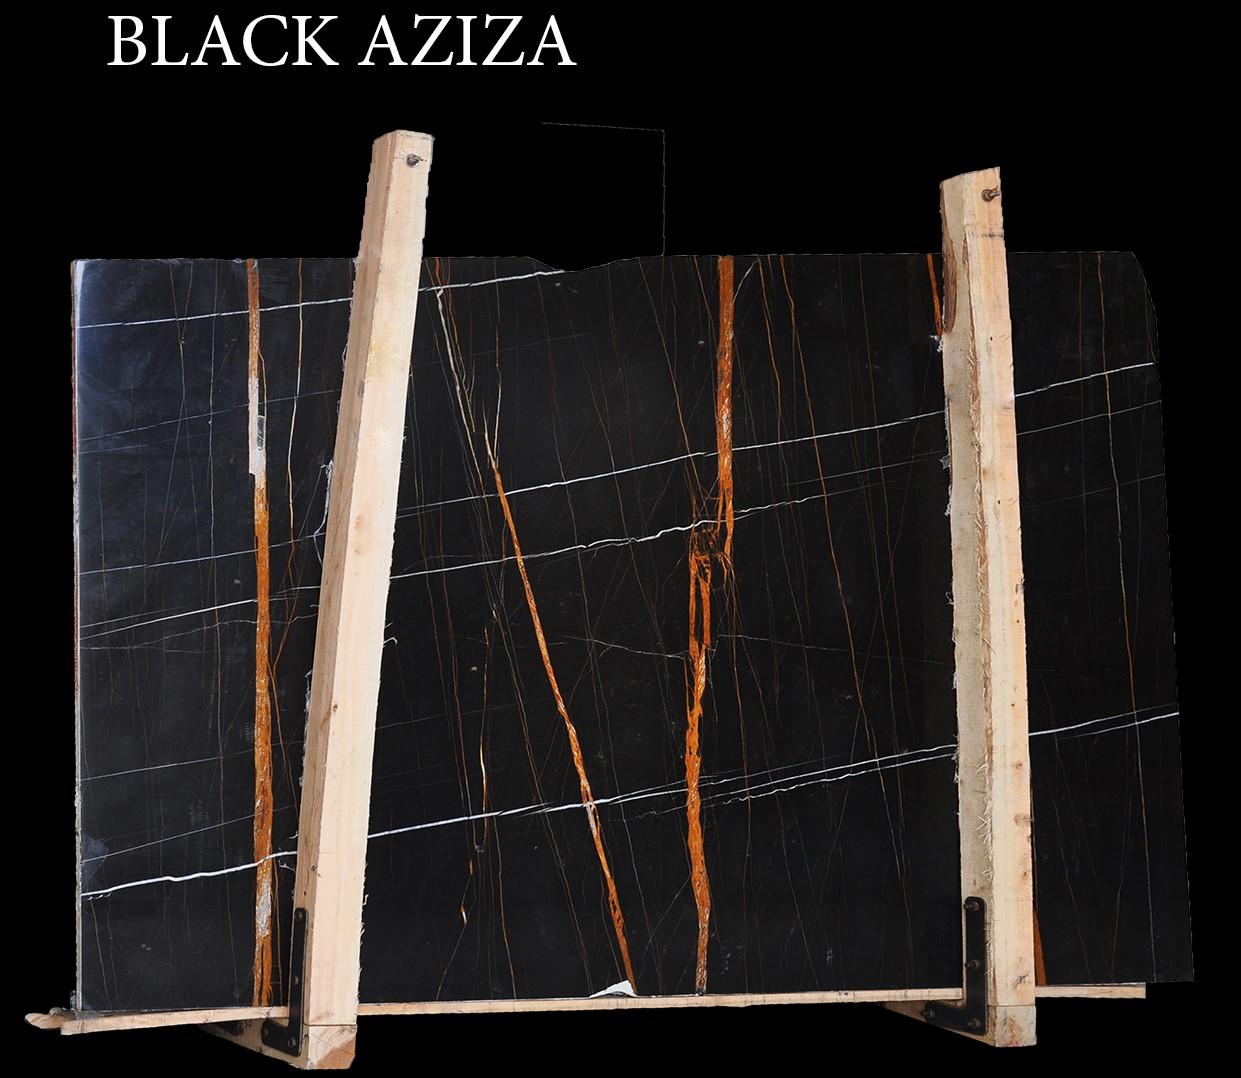 Blazk Aziza Slabs - Sahara Noir Slabs